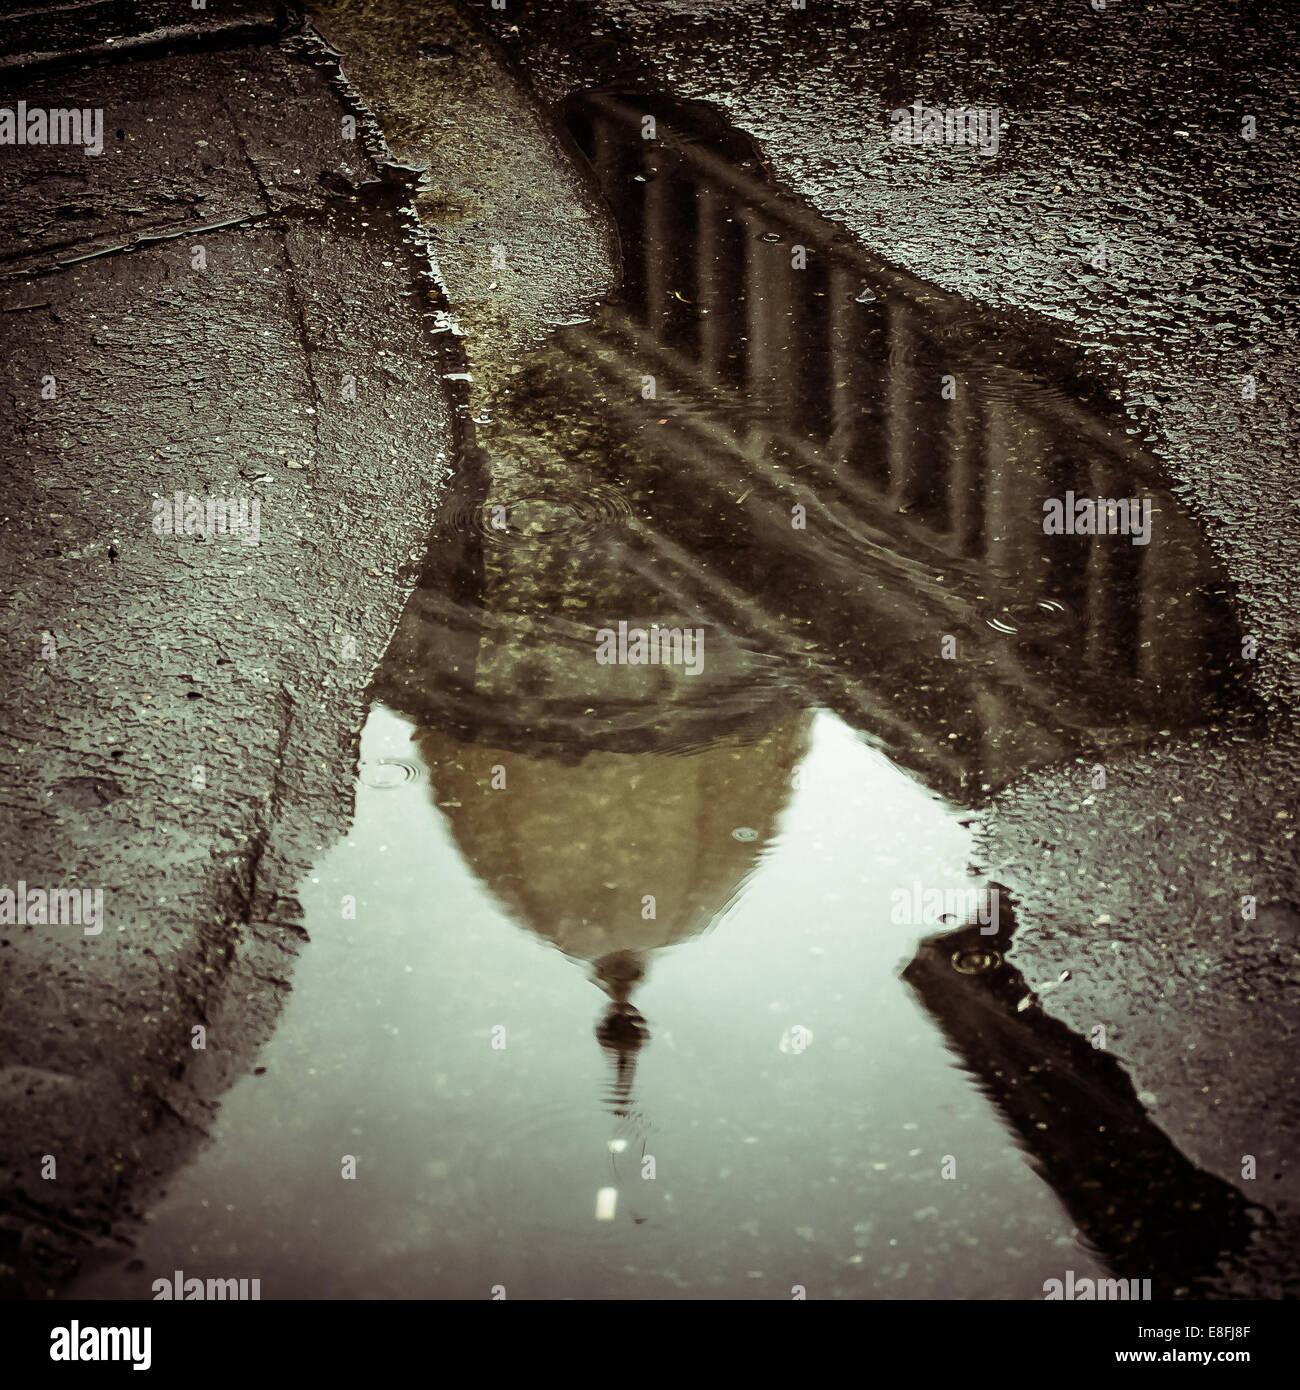 USA, New York State, New York City Dome spiegelt sich in der Pfütze Stockbild